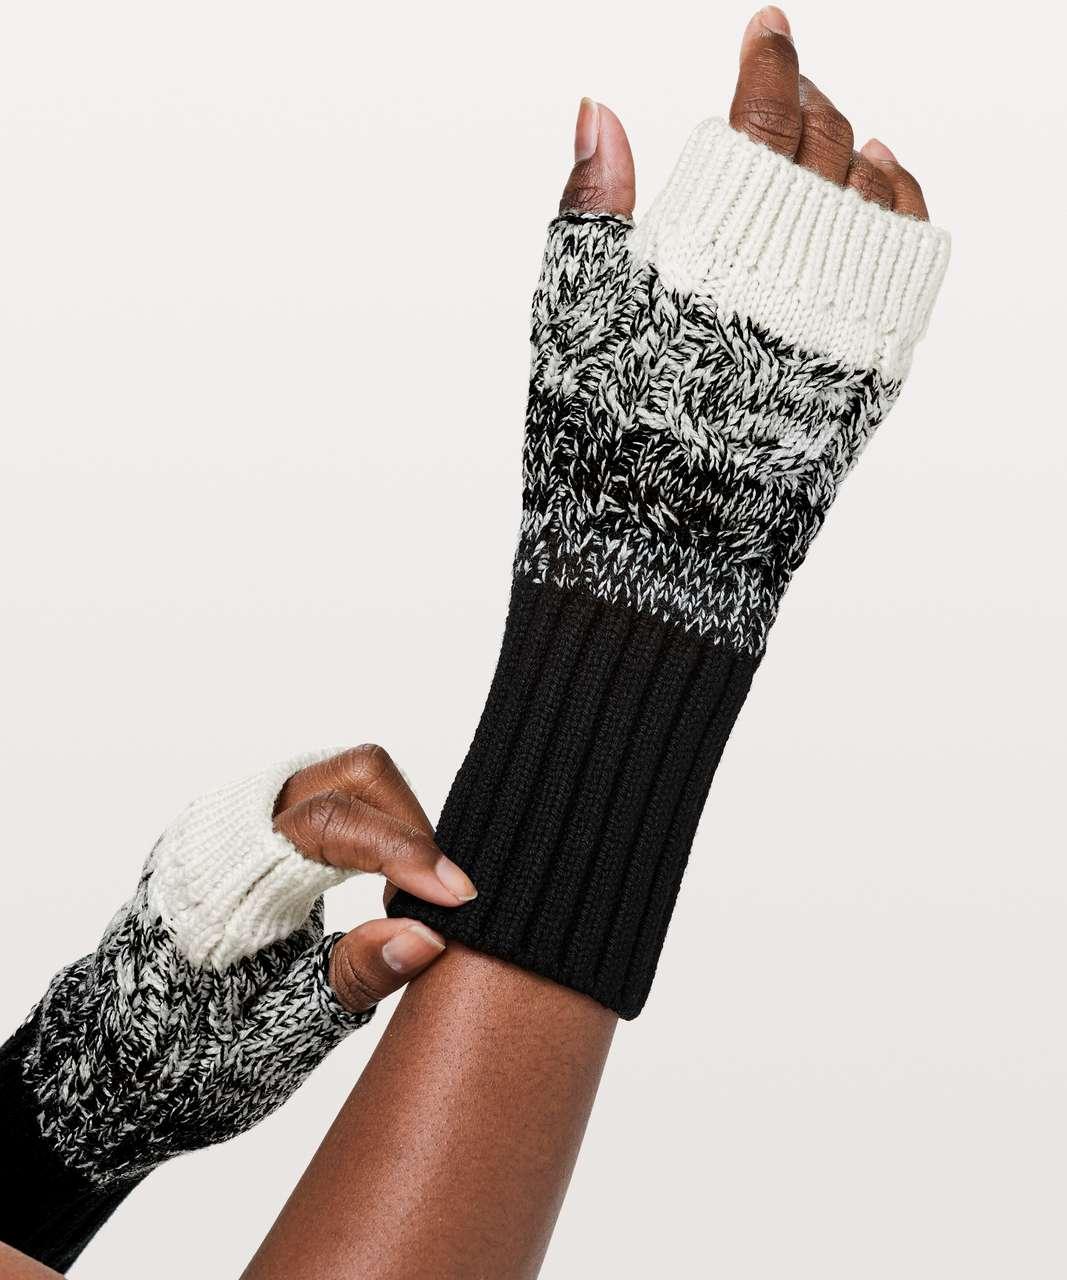 Lululemon Twisted Bliss Fingerless Gloves - Black / Angel Wing